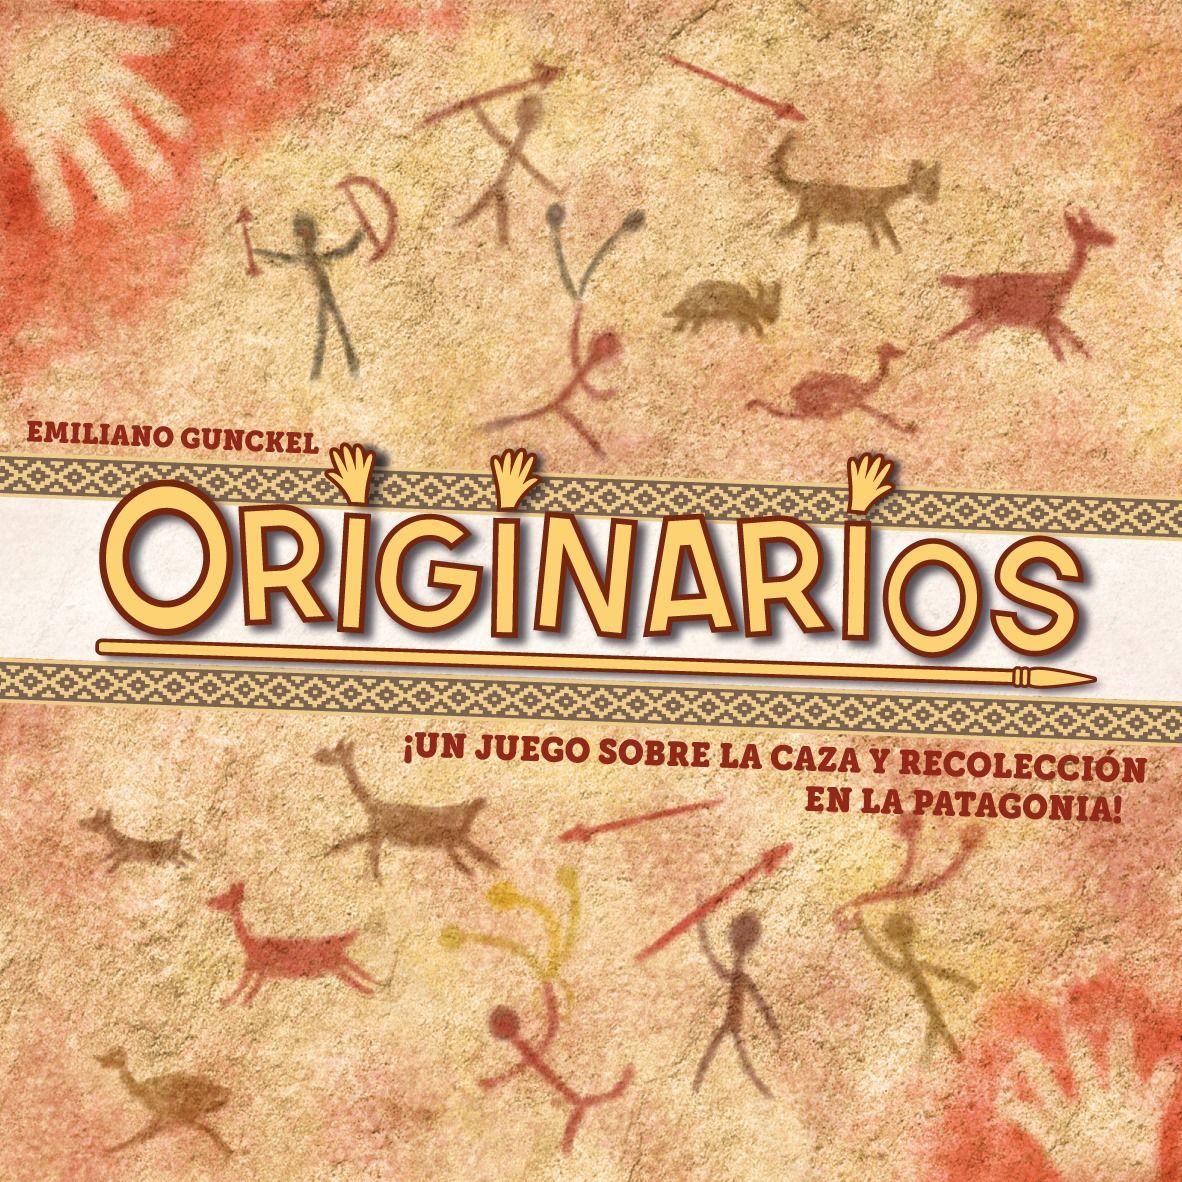 Originarios